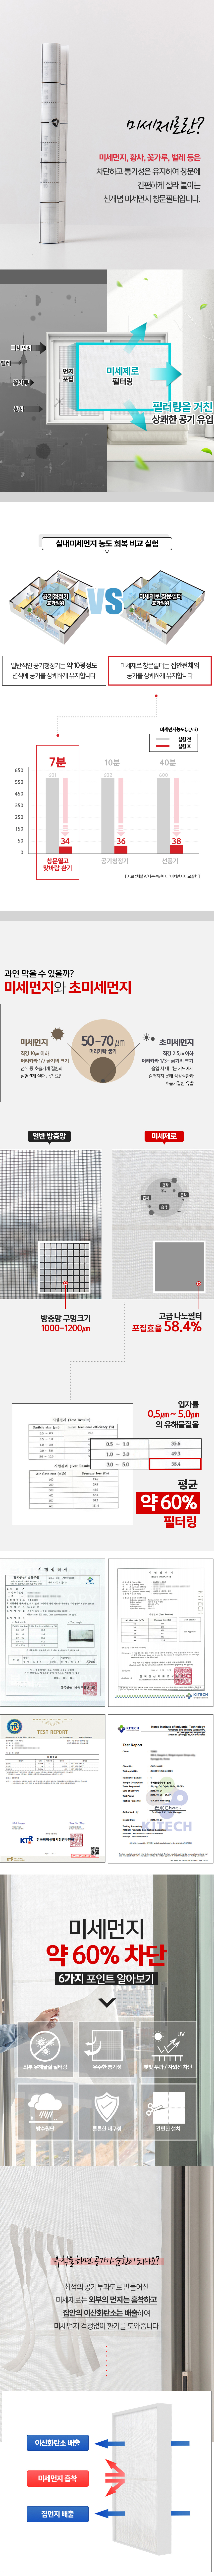 갓샵 미세먼지 창문필터 차단 방충망 붙이는 초미세먼지 2.5m - 갓샵, 13,900원, 여름용품, 모기장/방충망